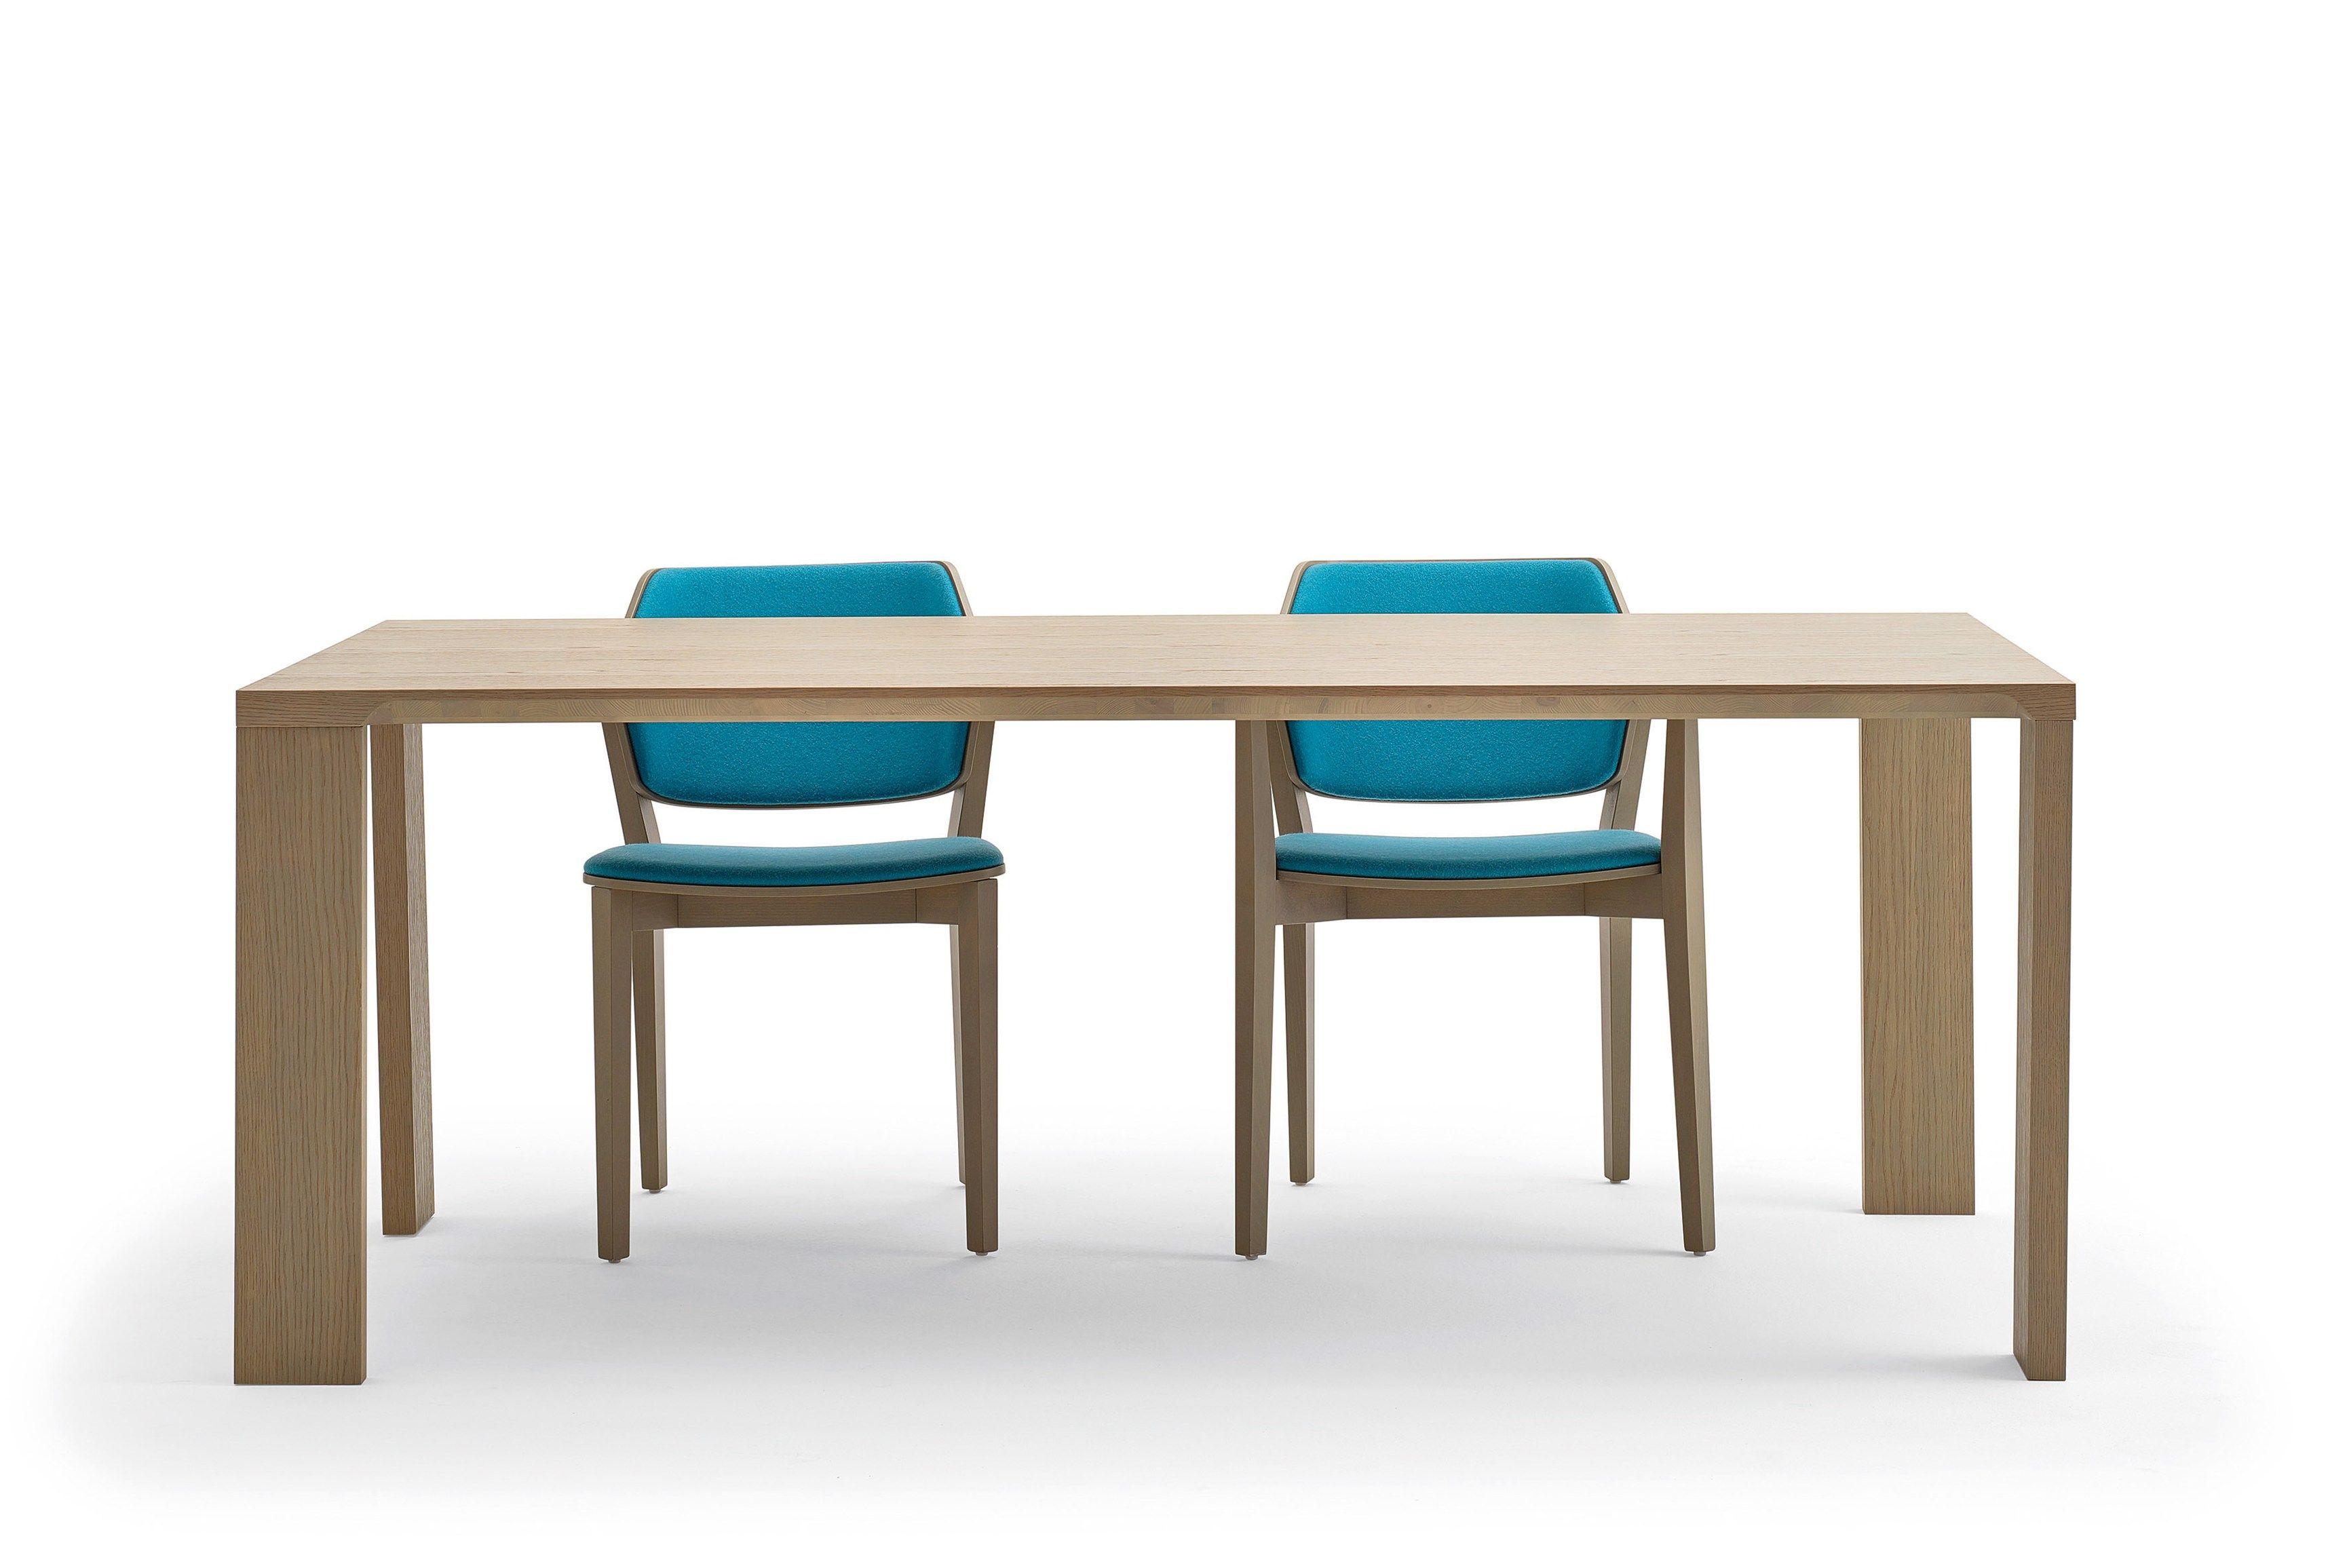 餐厅 餐桌 家具 椅 椅子 装修 桌 桌椅 桌子 3462_2311